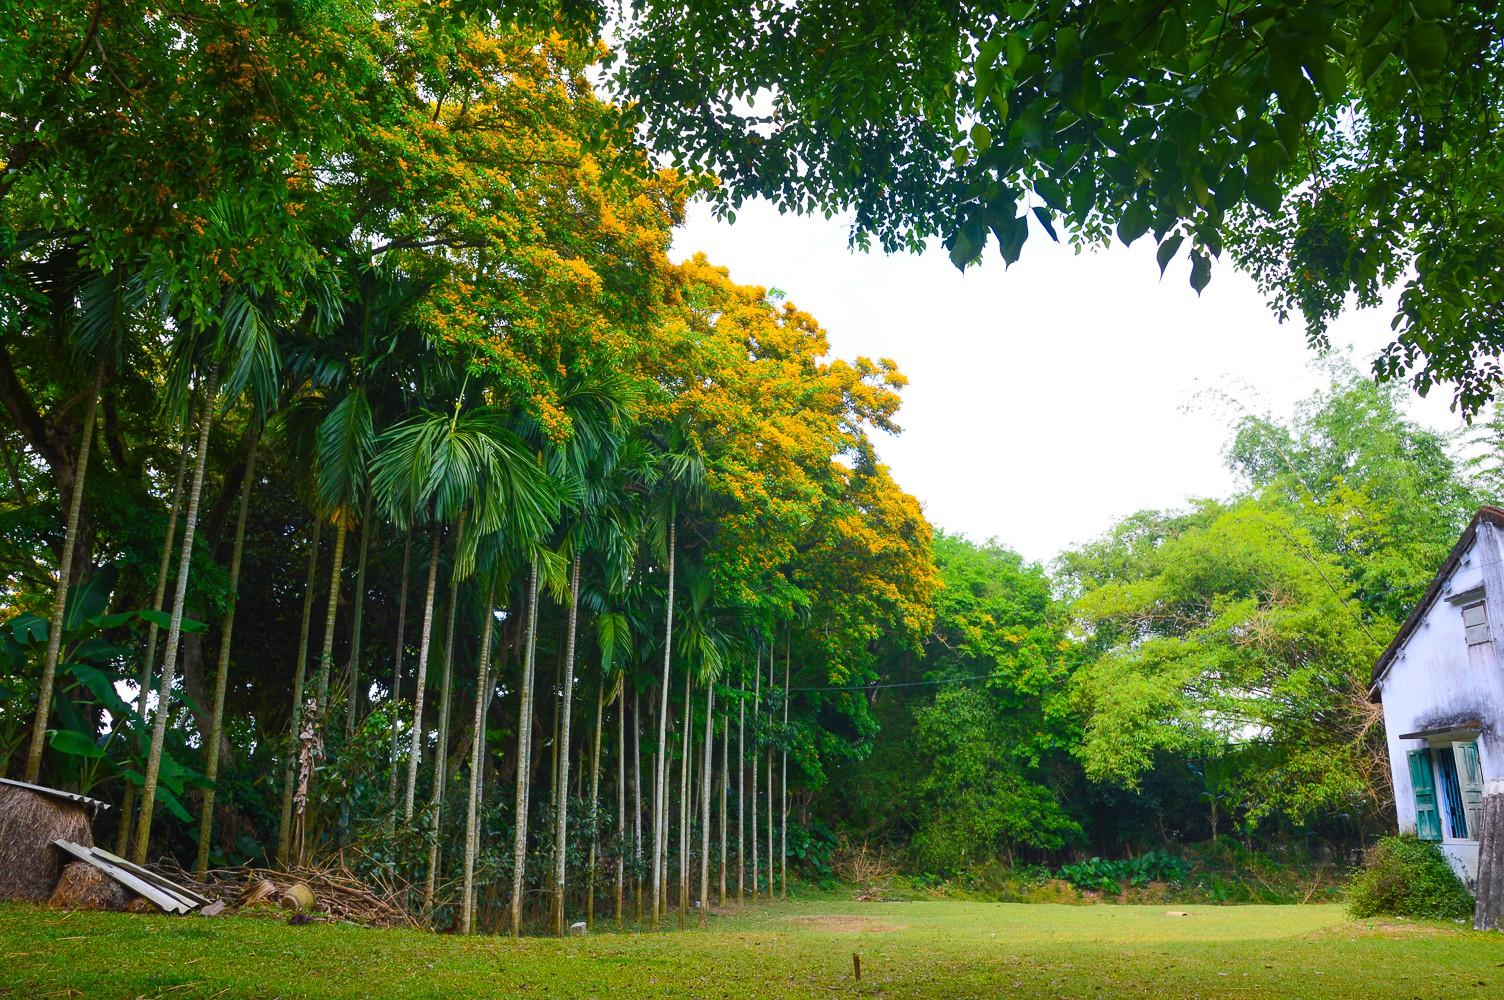 Mùa hoa sưa vàng trời Quảng Nam khiến bao người thổn thức - Ảnh 4.